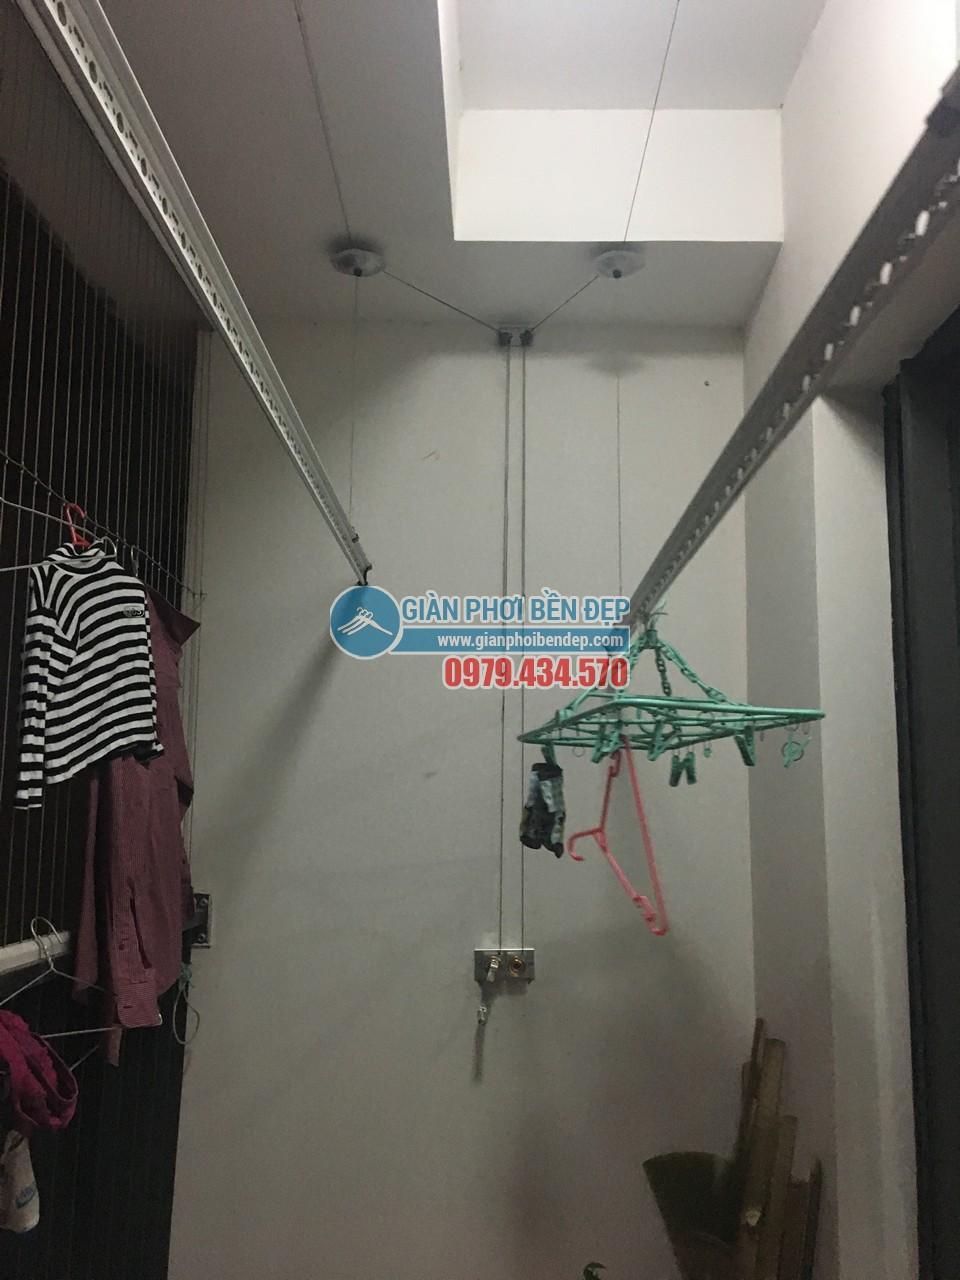 Thay dây cáp cho giàn phơi thông minh nhà chị Linh, tòa Hà Đô Park View